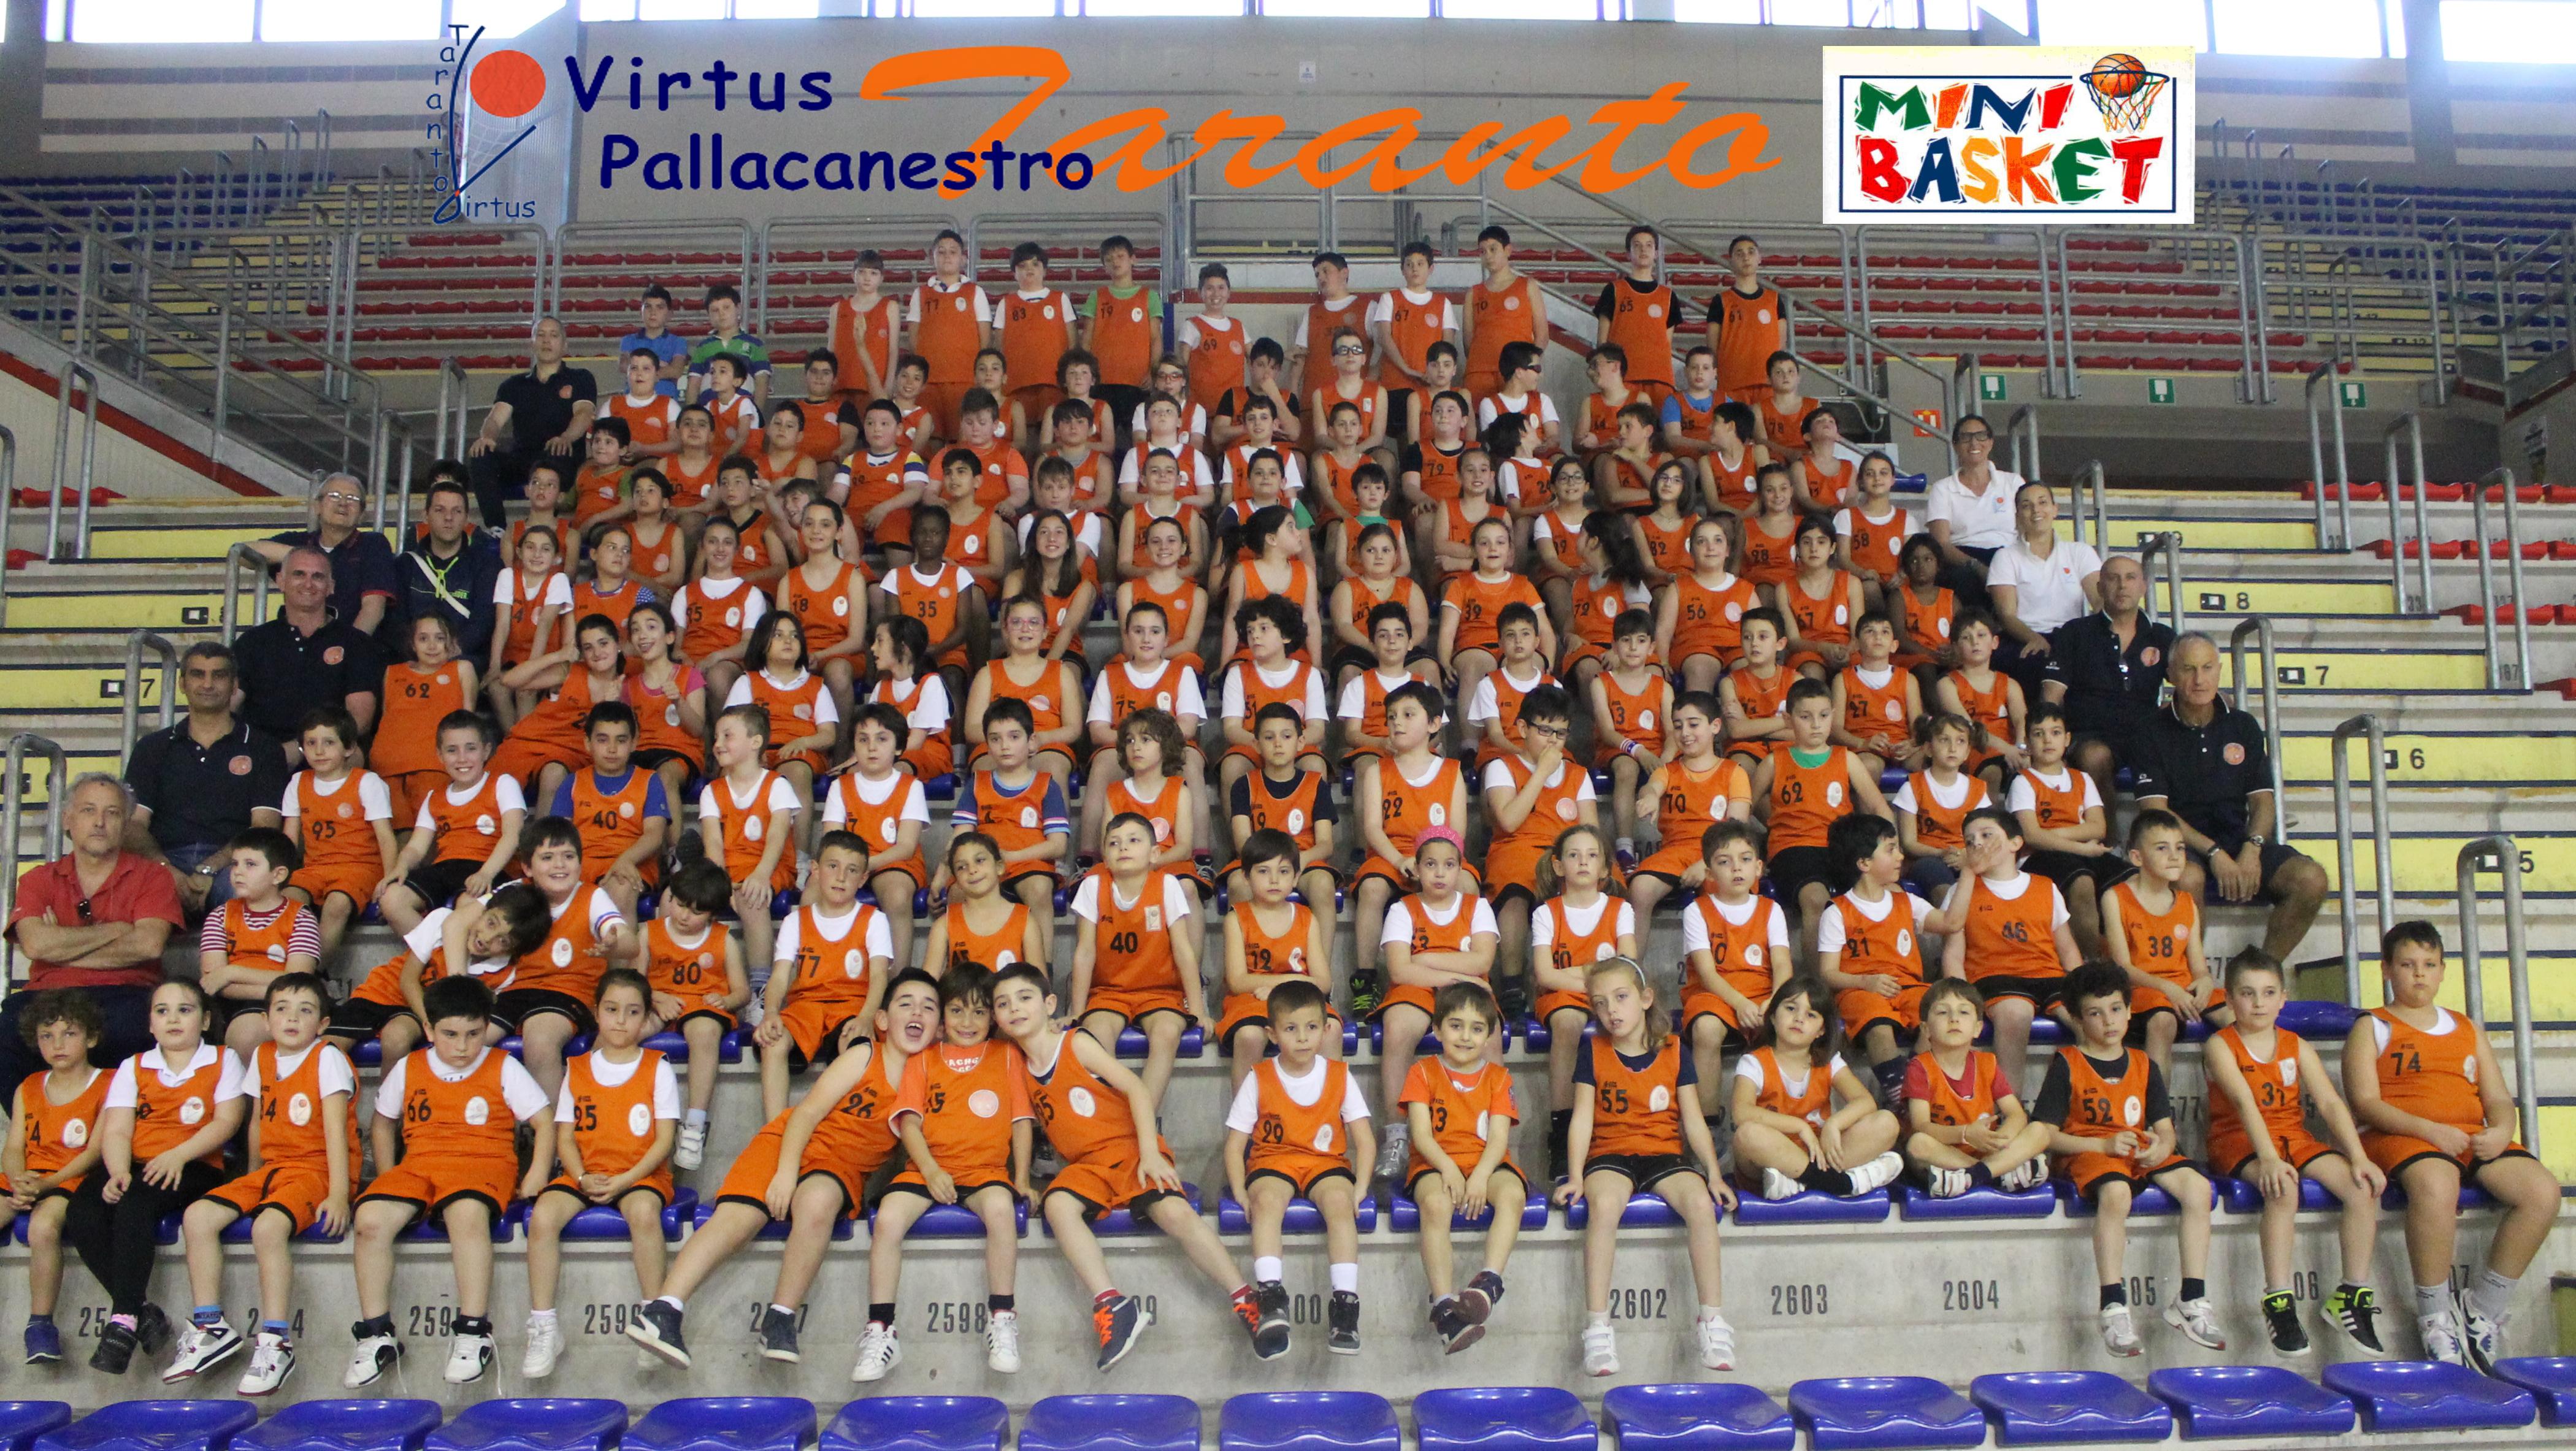 Virtus 2013-2014